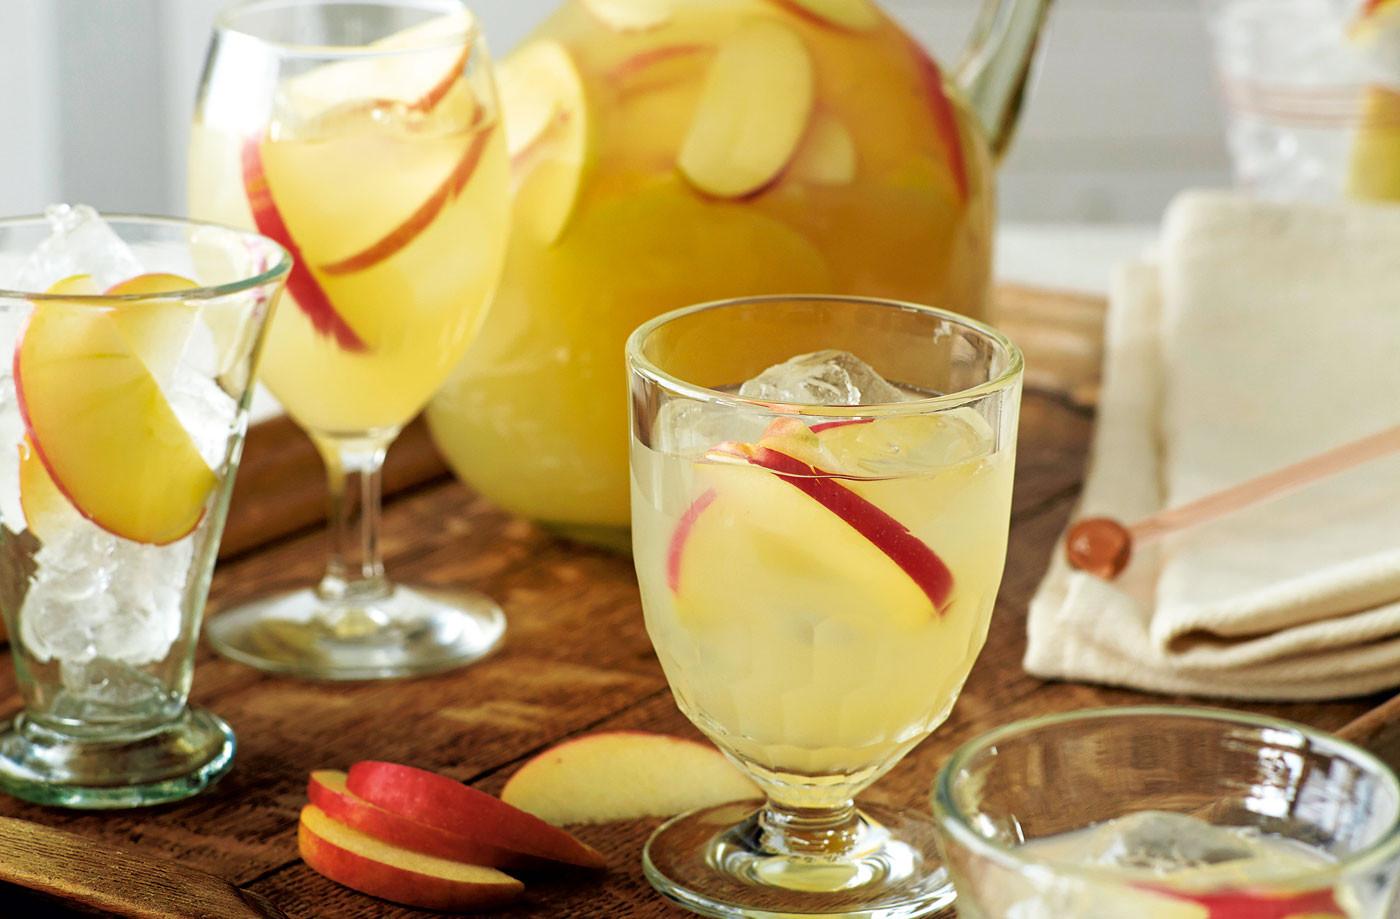 Apple Vodka Drinks  Apple vodka and ginger beer cocktail